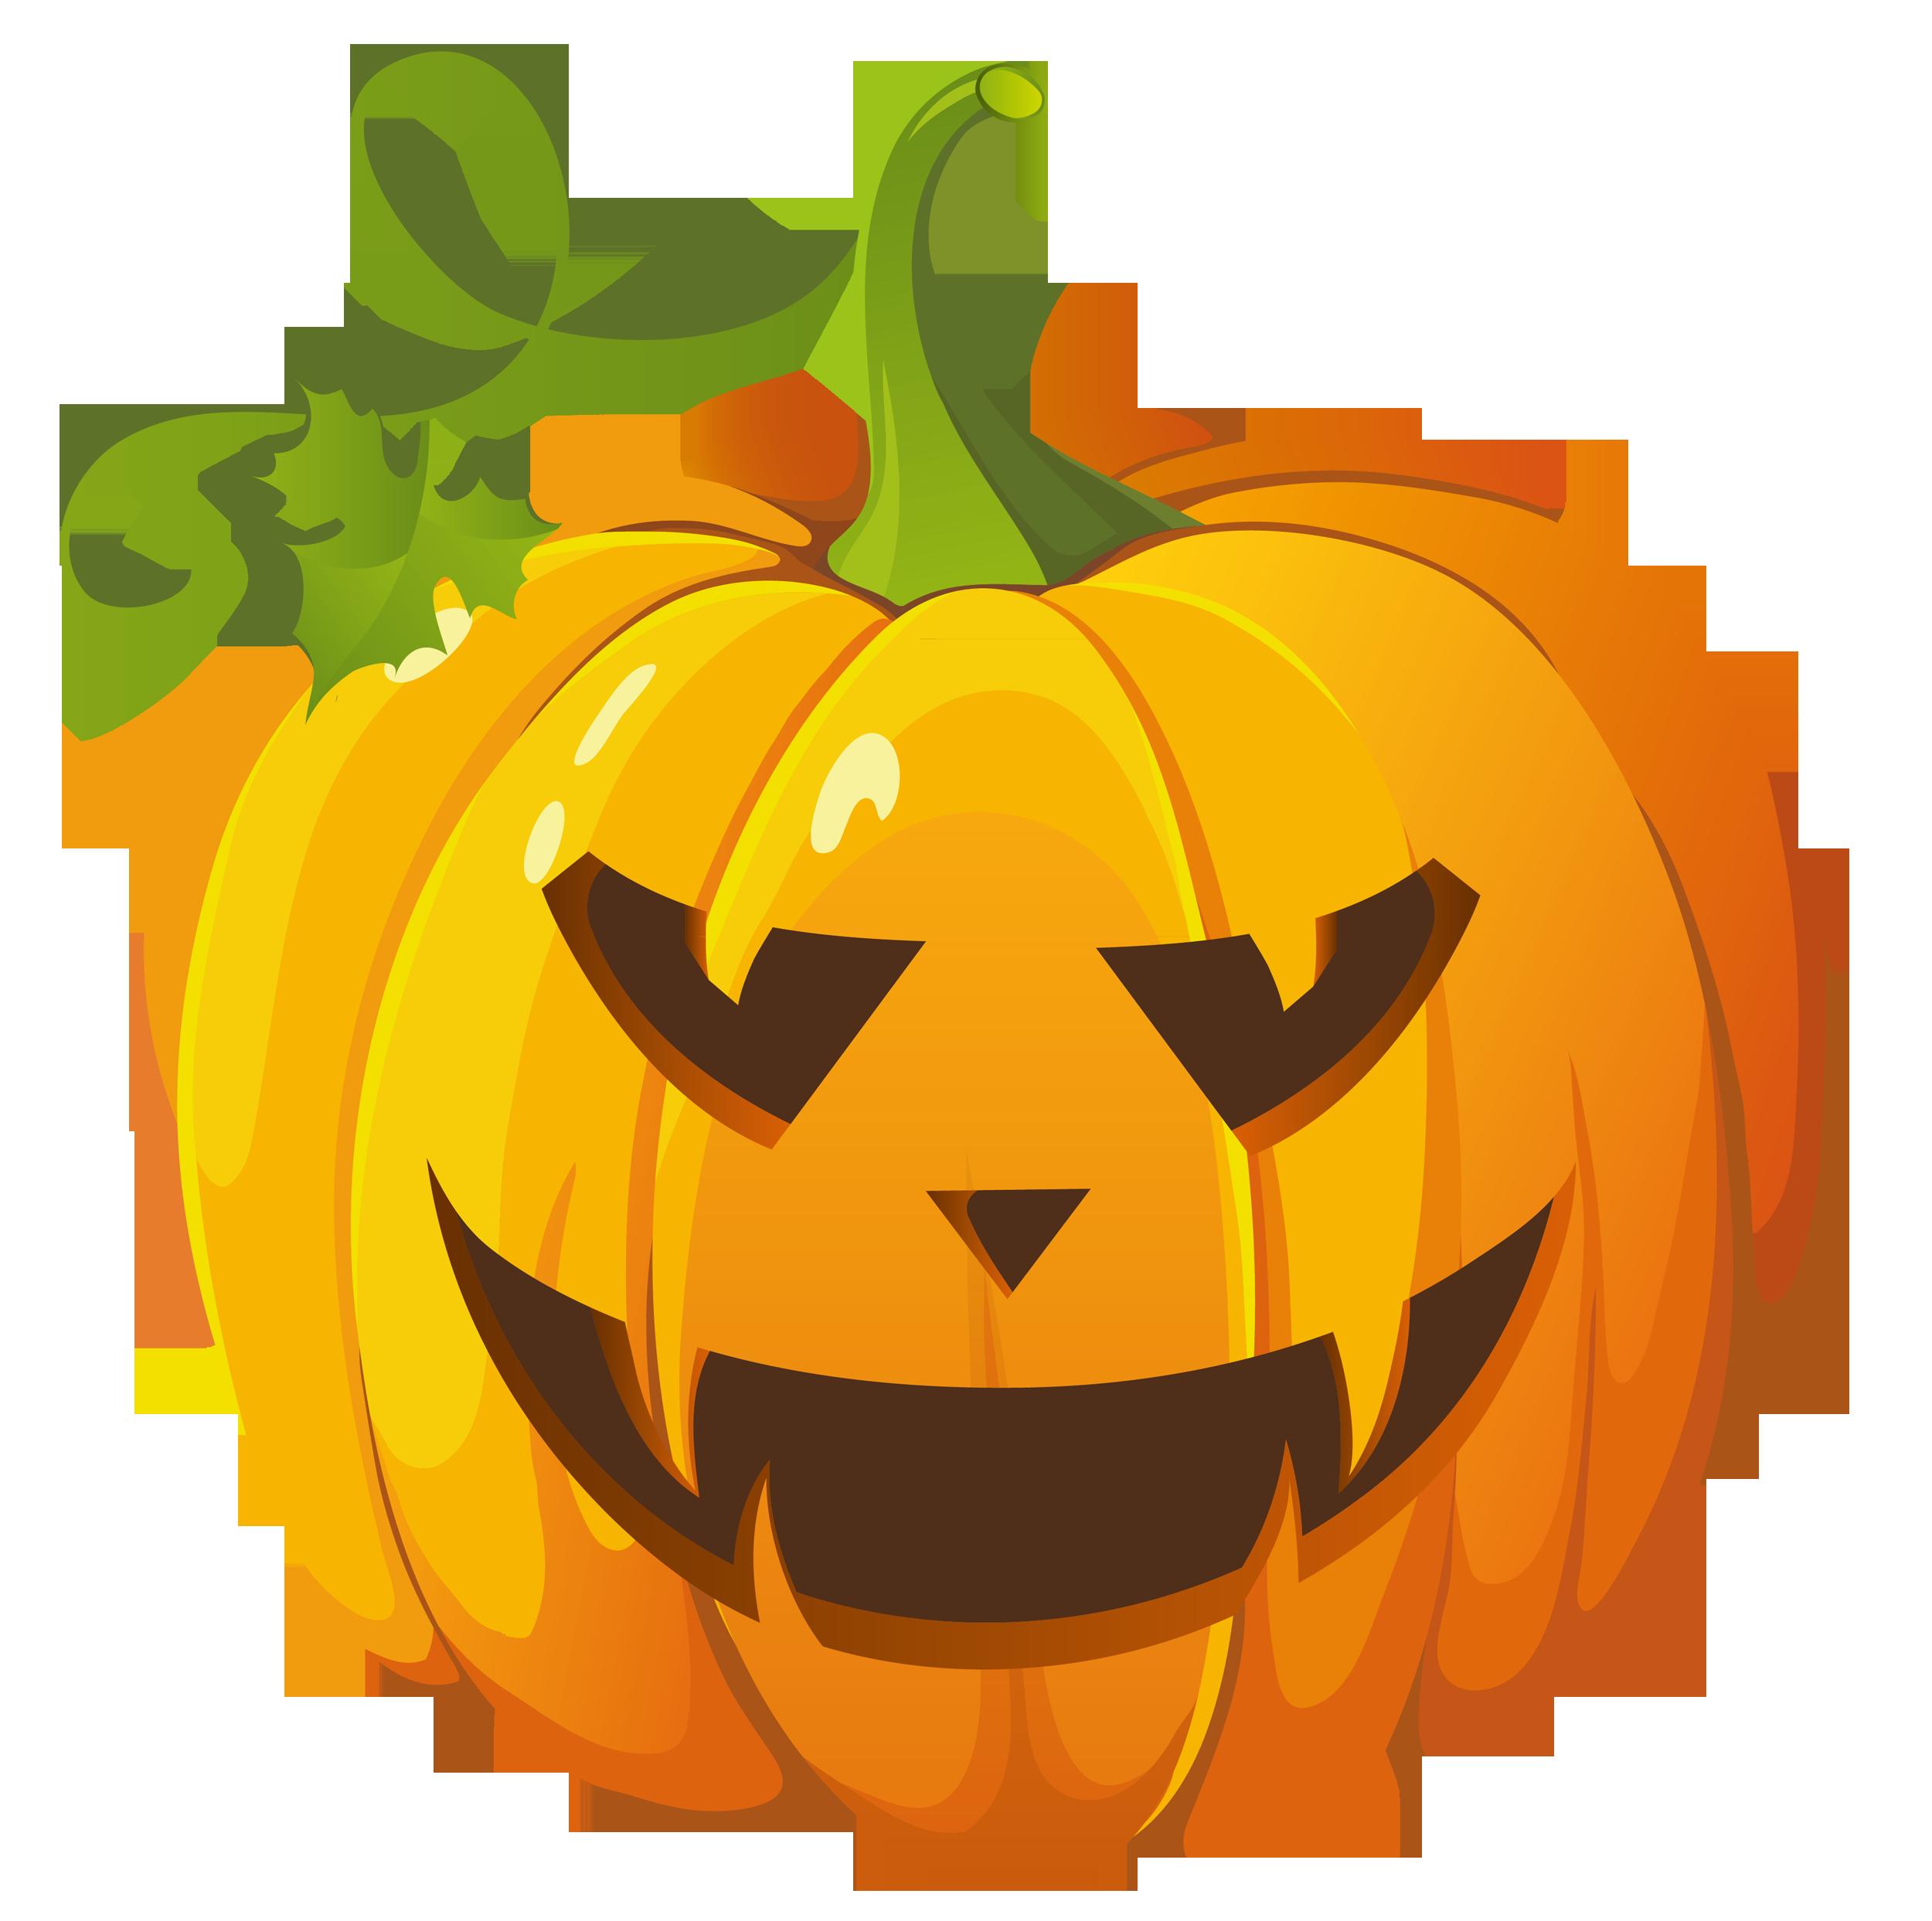 Clip art pumpkins clipart image 5